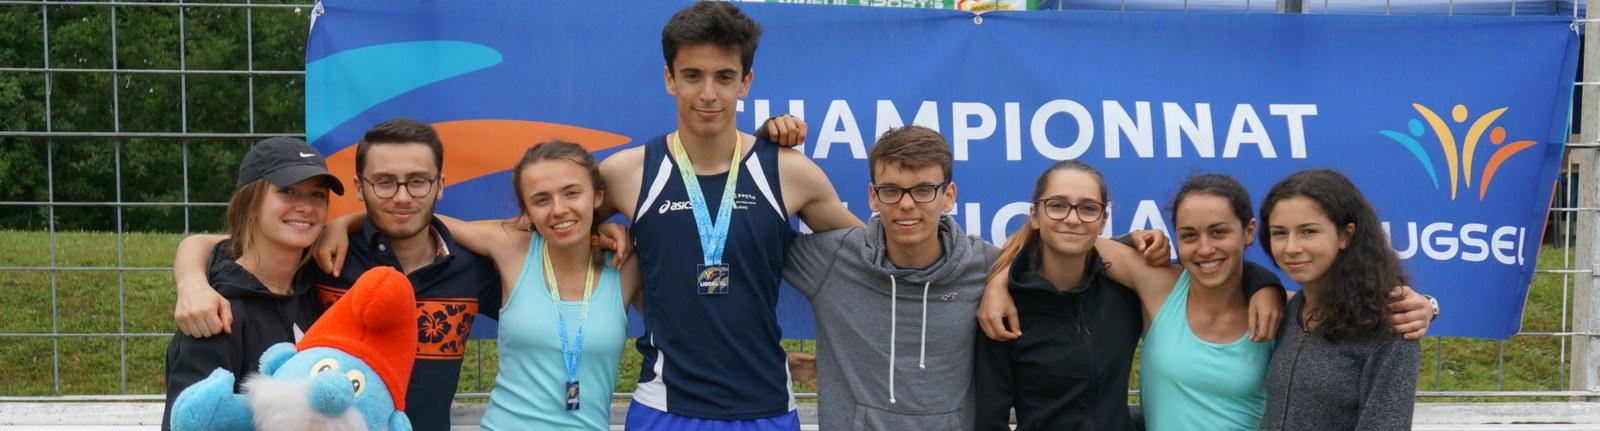 championnats-de-france-d2019athletisme-cadets-juniors-a-blois